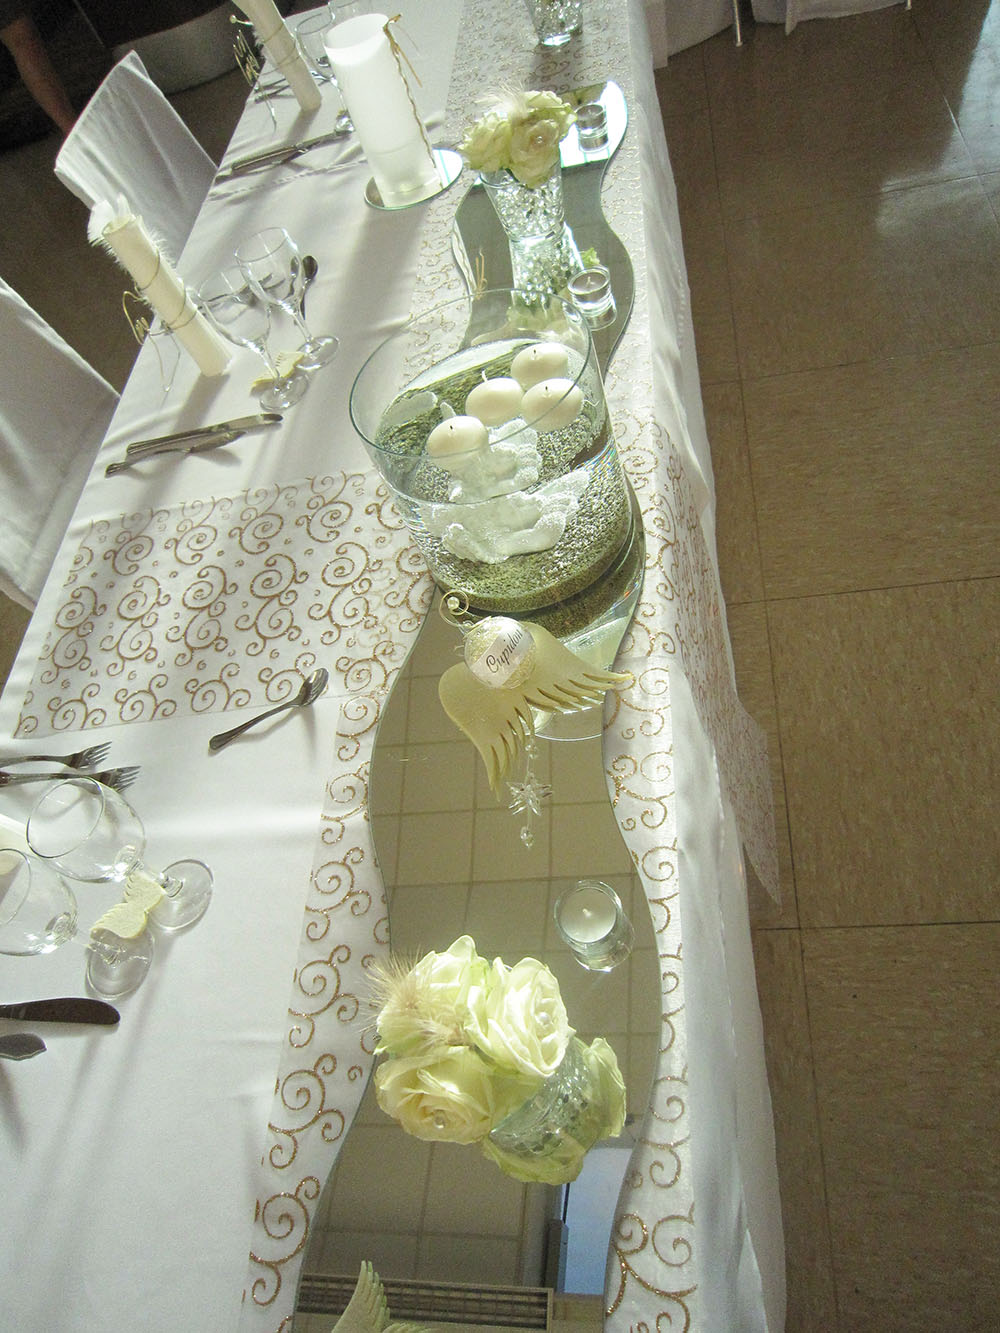 Jls cr ation et les diff rents th mes de mariage en moselle - Modele plan de table mariage gratuit ...